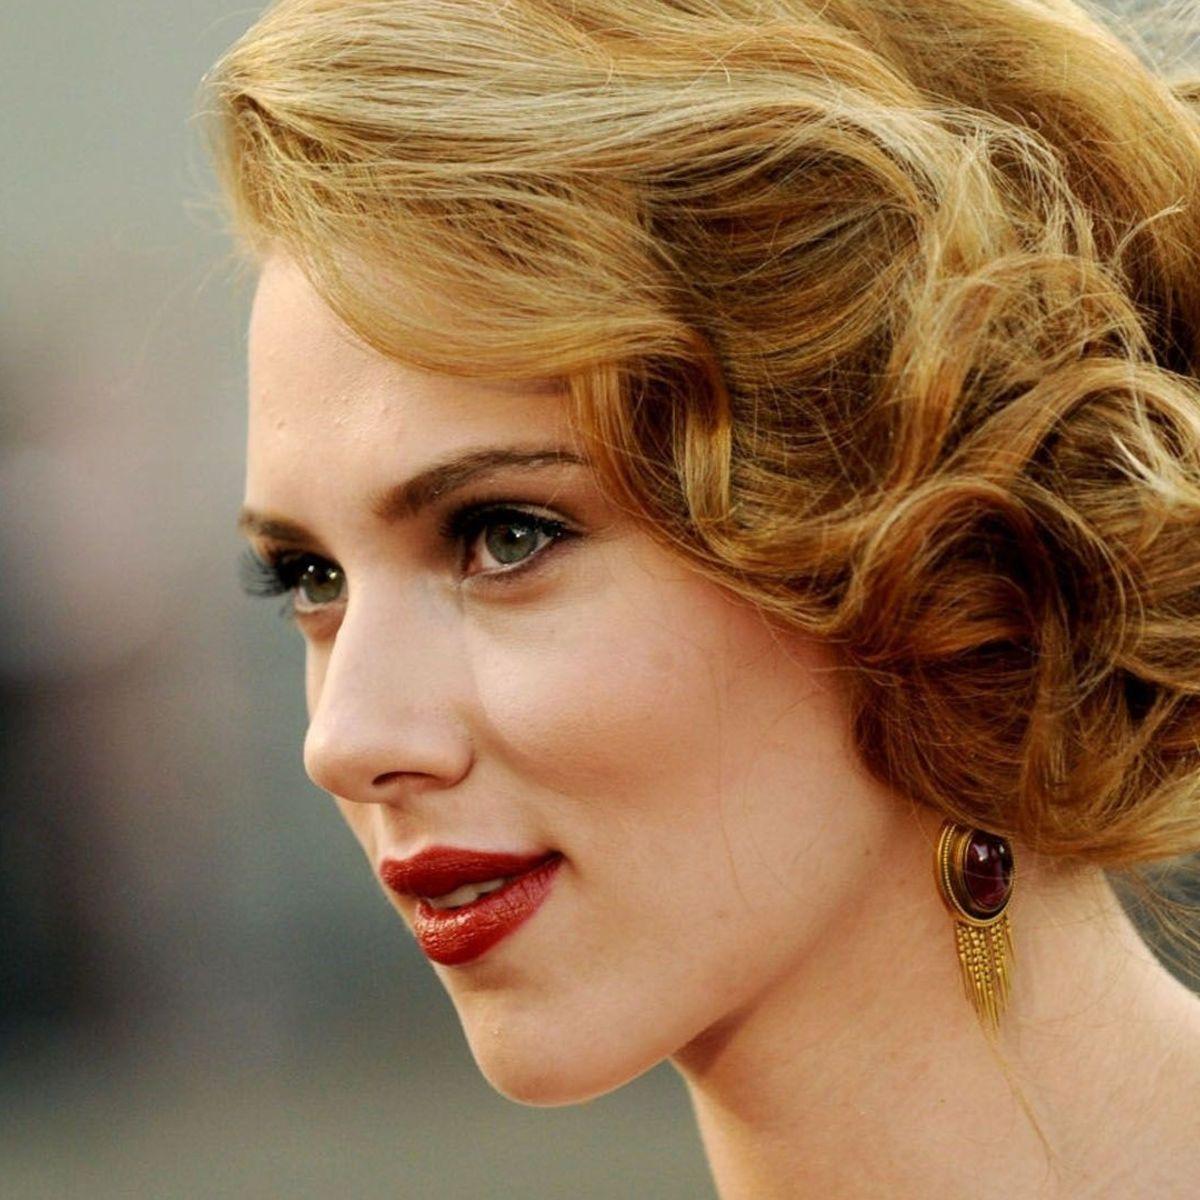 Scarlett-Johansson_0.jpg